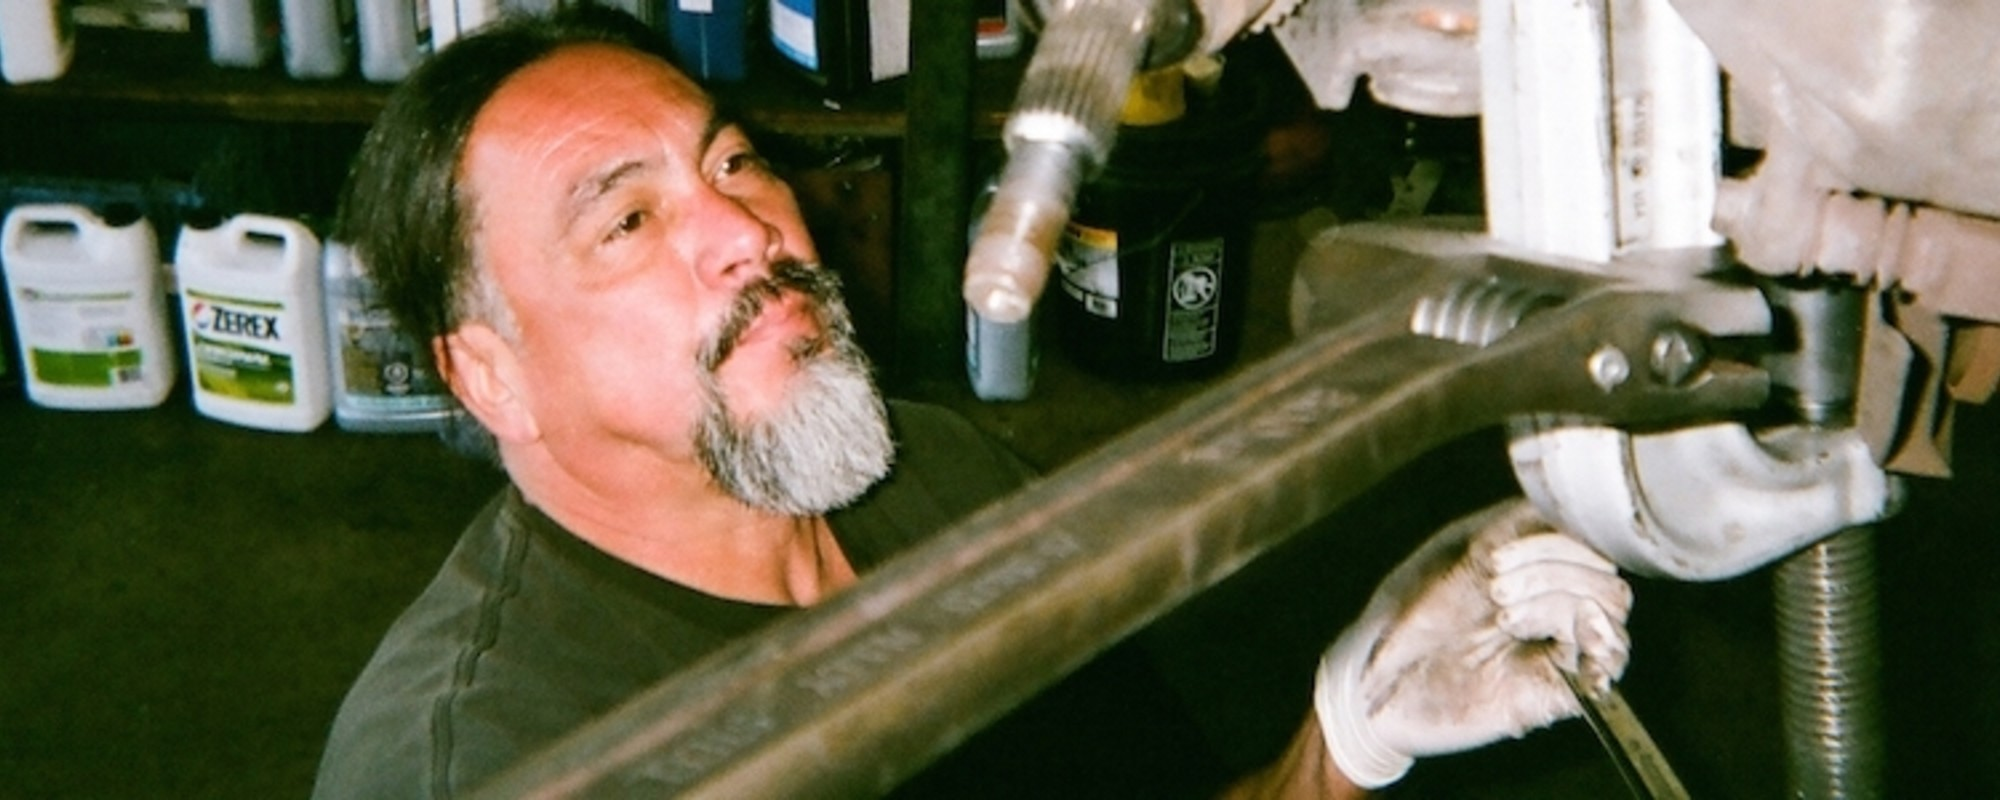 Ein KFZ-Mechaniker dokumentiert ein Wochenende voller Bier, Schmieröl und Titten-Kalendern